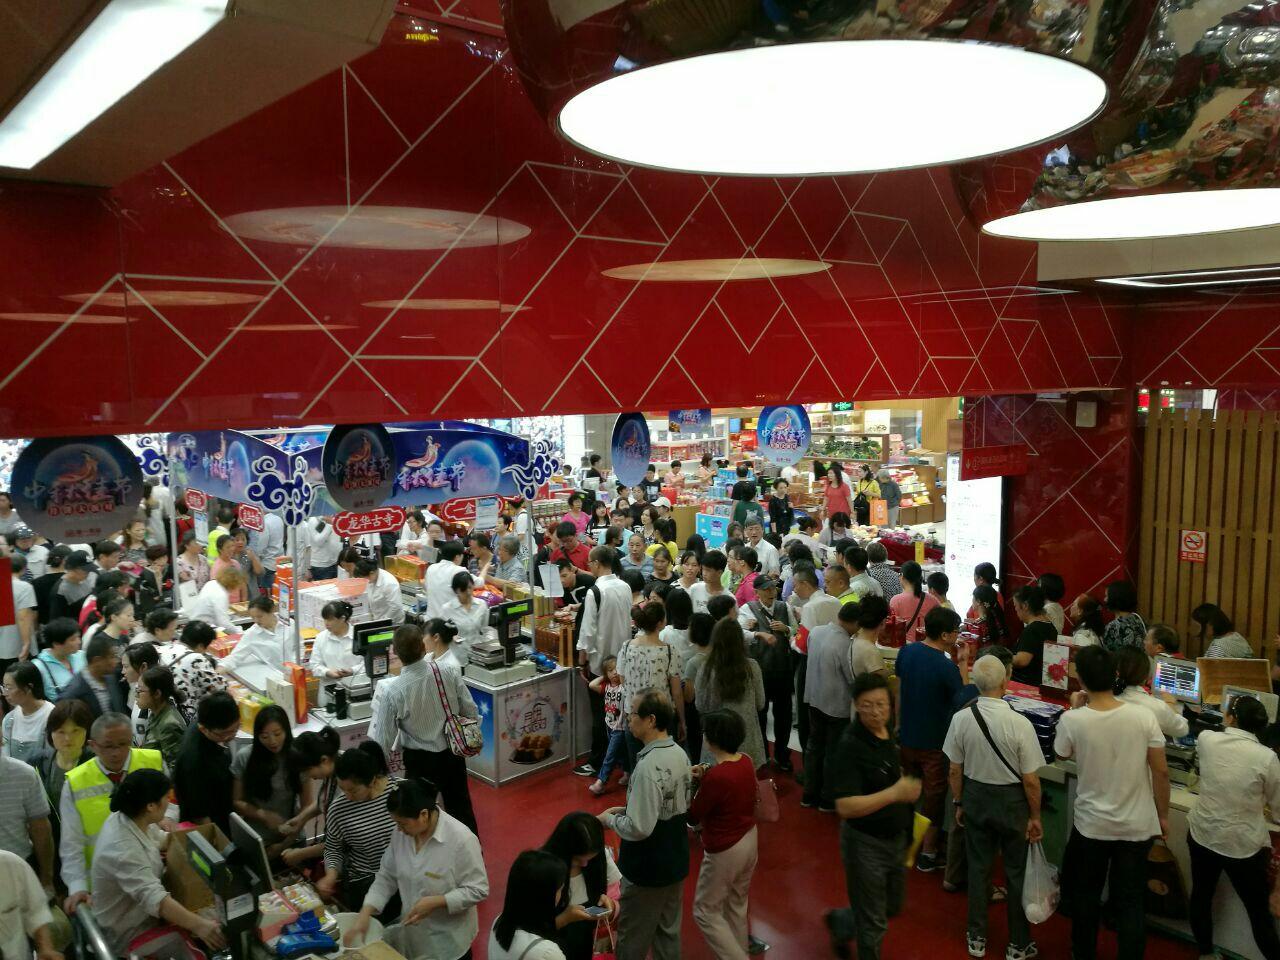 來到了上海第一食品商場(好像是這個名字),一樓是賣特產的還有麥當勞。人非常多,這里有各種糕點、糖果、鹵味、干貨、水果之類的!  在二樓看到有家奶茶店還不錯的樣子,什么名字忘記了。看到各種名稱的奶茶咖啡,真想都來一杯嘗嘗,哈哈!我買了杯奶茶,阿輝要了杯檸檬什么的,有試喝,挺不錯的。當然奶茶也可以,記得是用的黑白淡奶調的。  在3樓看到了著名的南翔饅頭店,本來要吃的,想著要吃飯了,就決定飯后再吃。轉了一圈不知道吃什么,最后在一家忘記什么名字的店看到人挺多的,就是它了。一